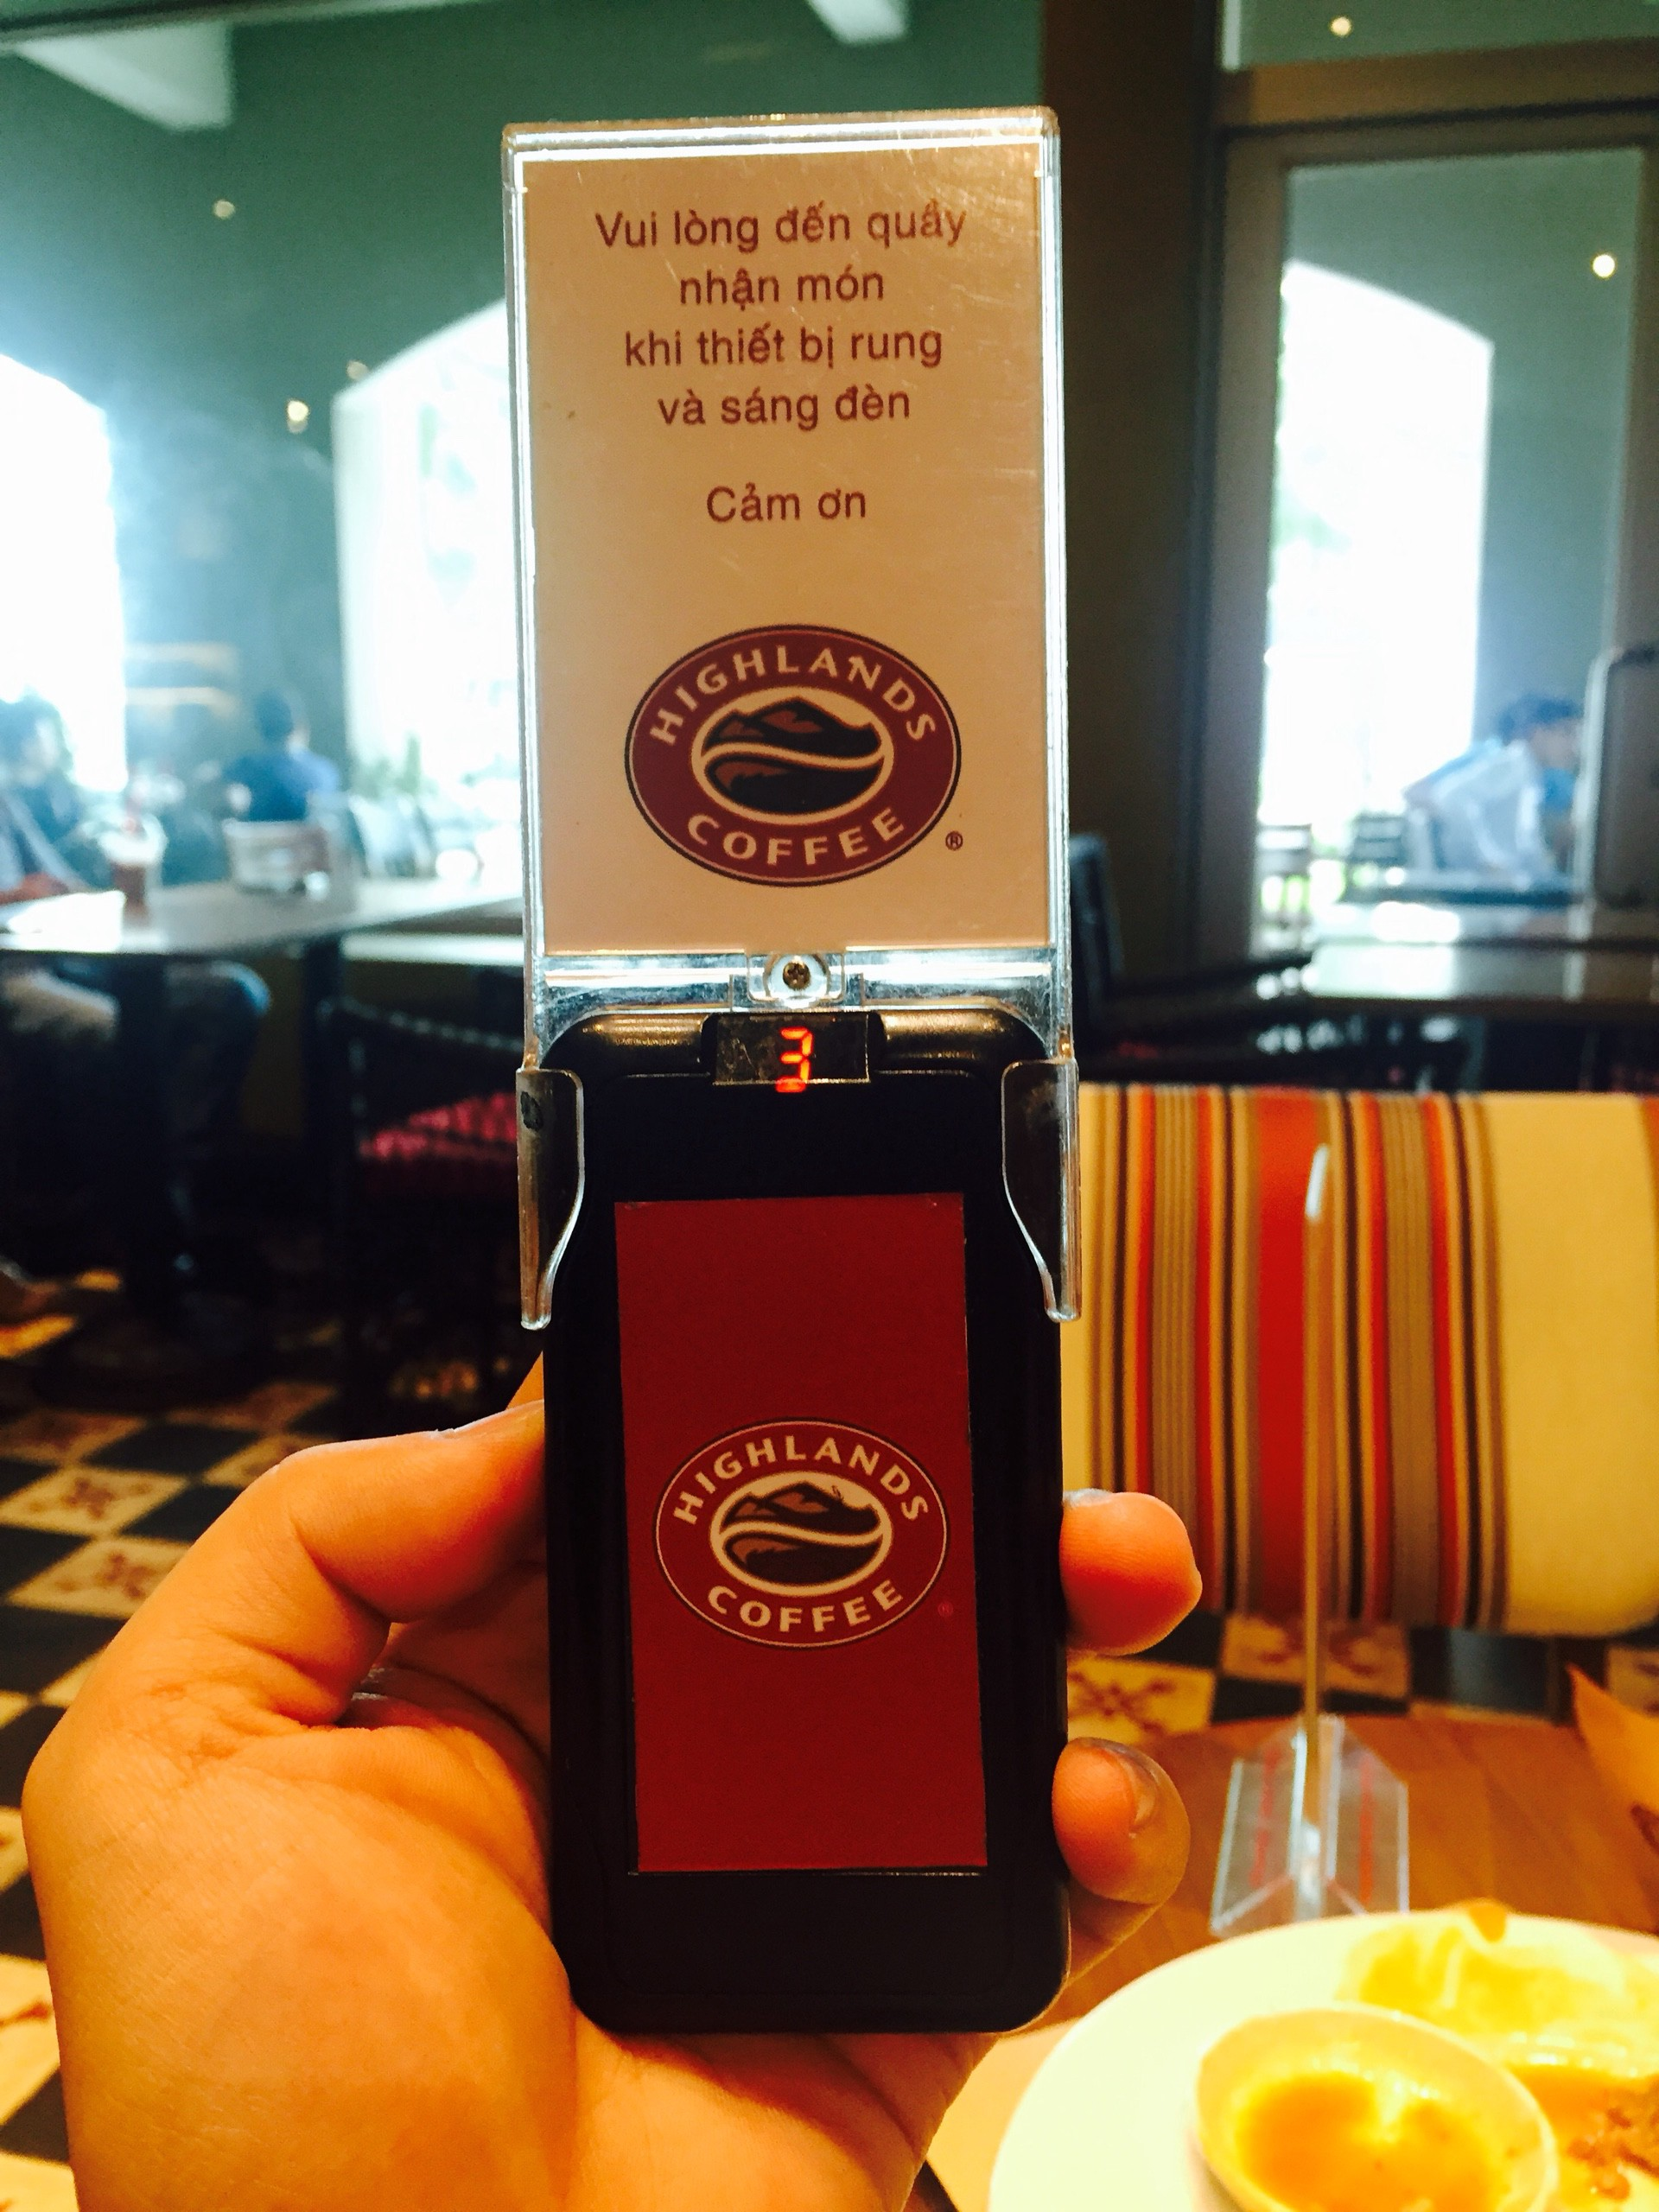 lắp đặt thẻ rung tự phục vụ cho các quán cafe